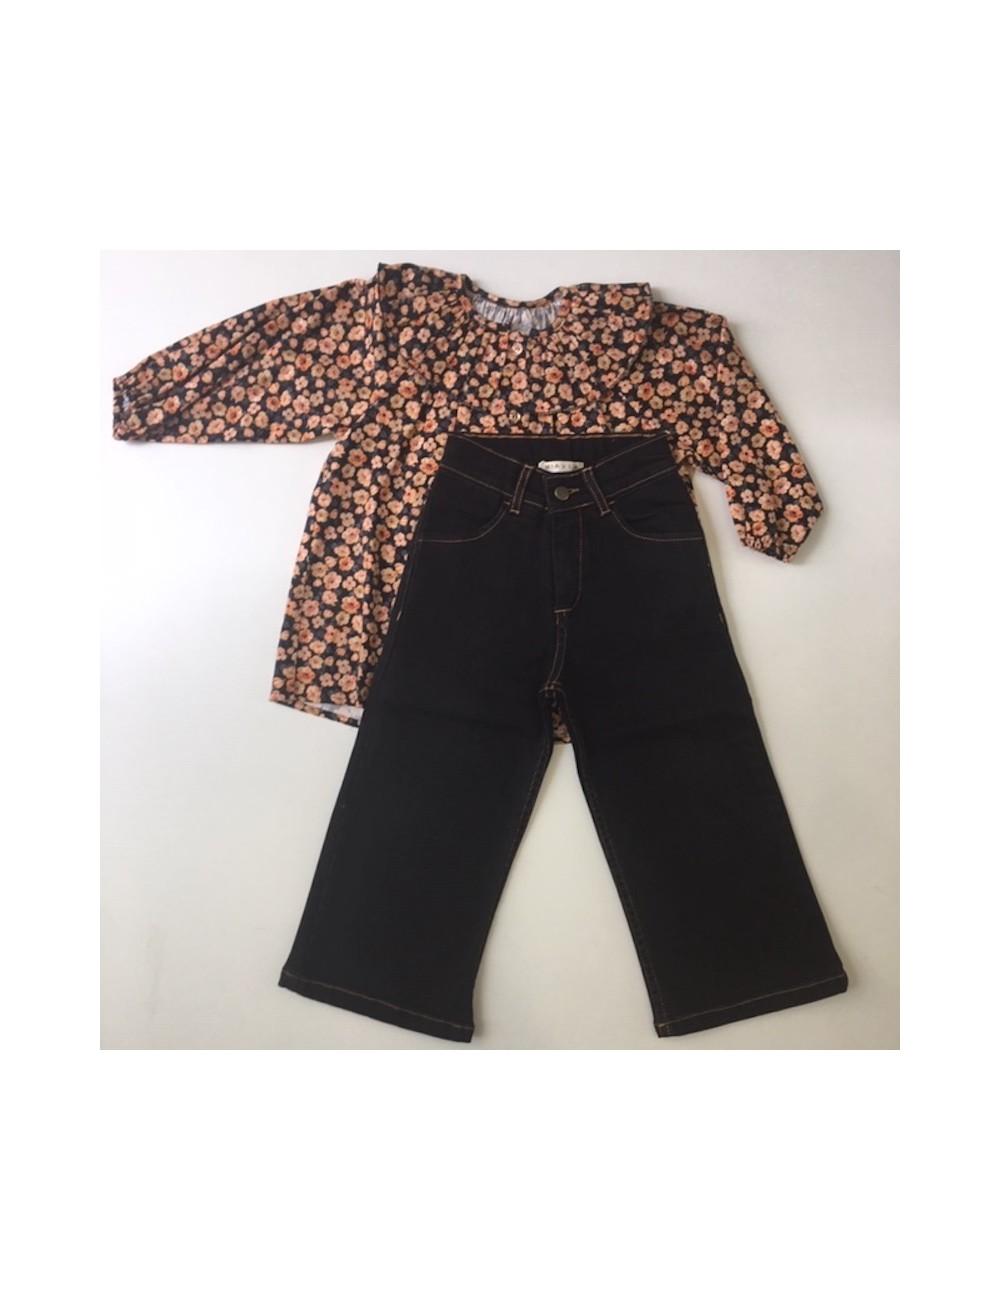 Pantalon tejano negro capri de la marca Mia y Lia